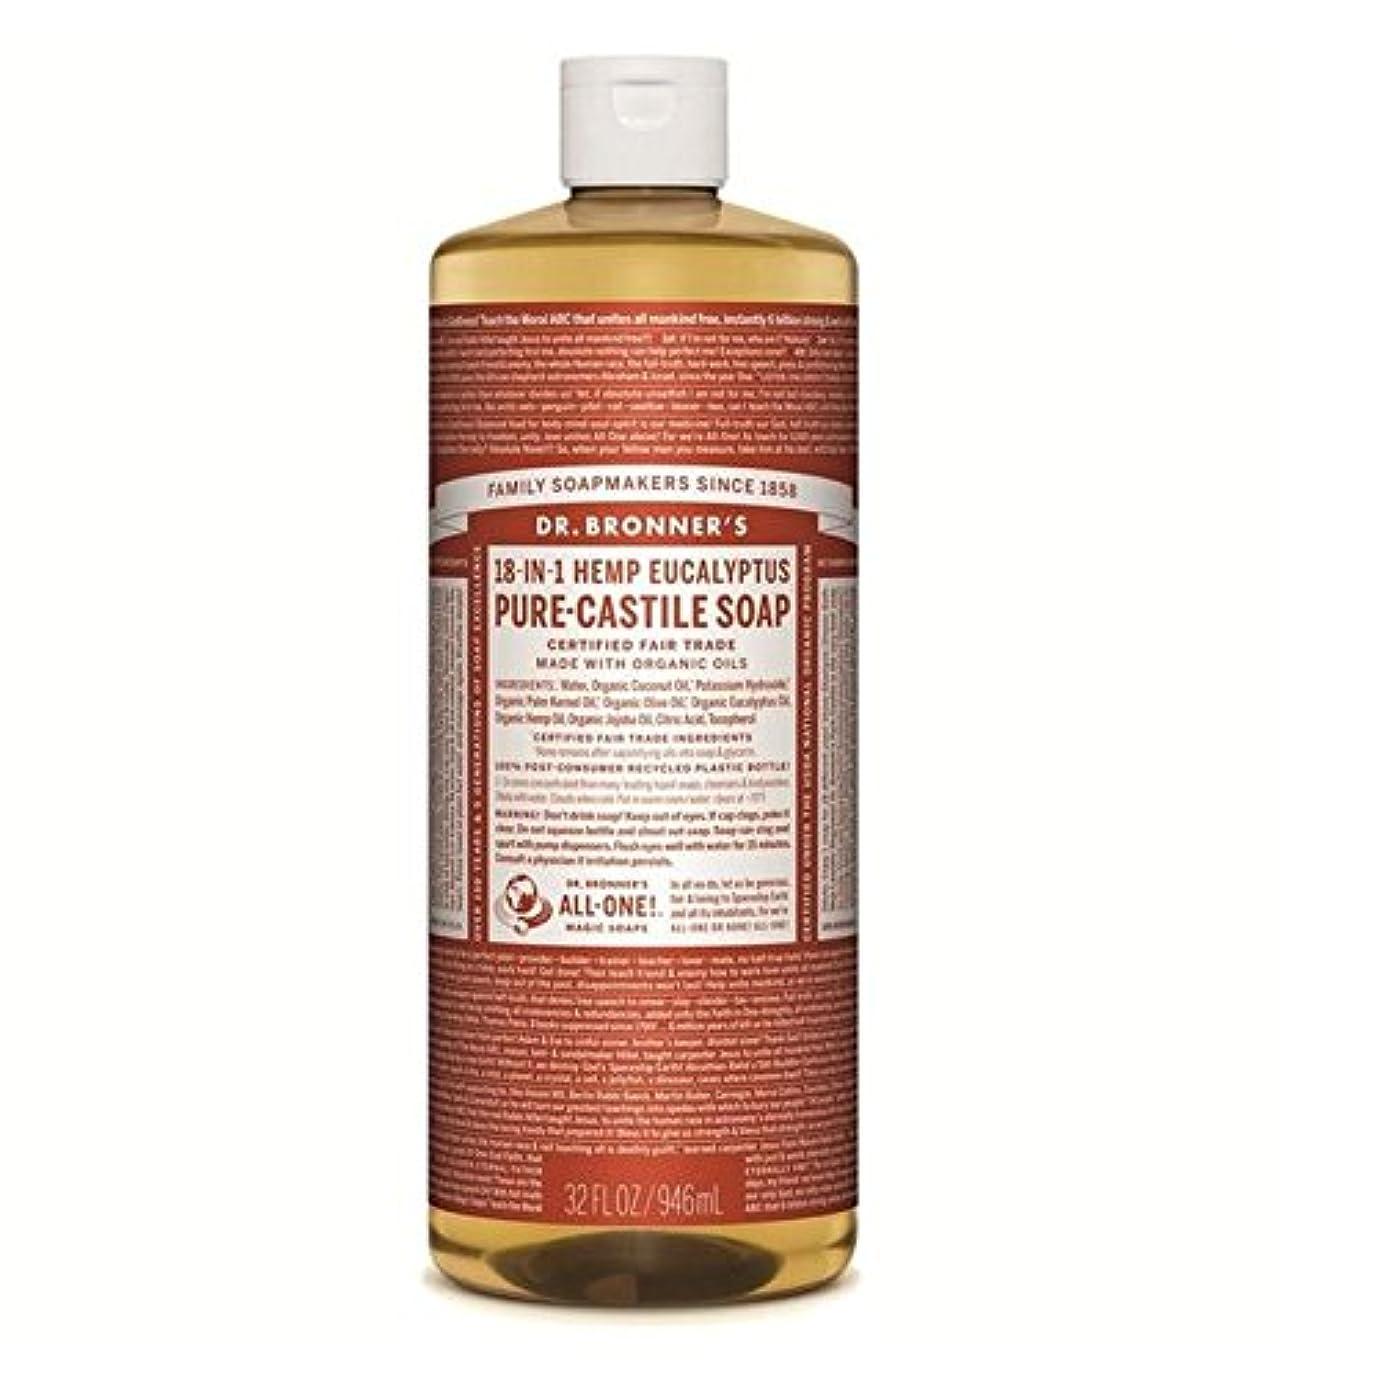 ブランク酔ったトライアスロンのブロナー有機ユーカリカスティーリャ液体石鹸946ミリリットル x2 - Dr Bronner Organic Eucalyptus Castile Liquid Soap 946ml (Pack of 2) [並行輸入品]